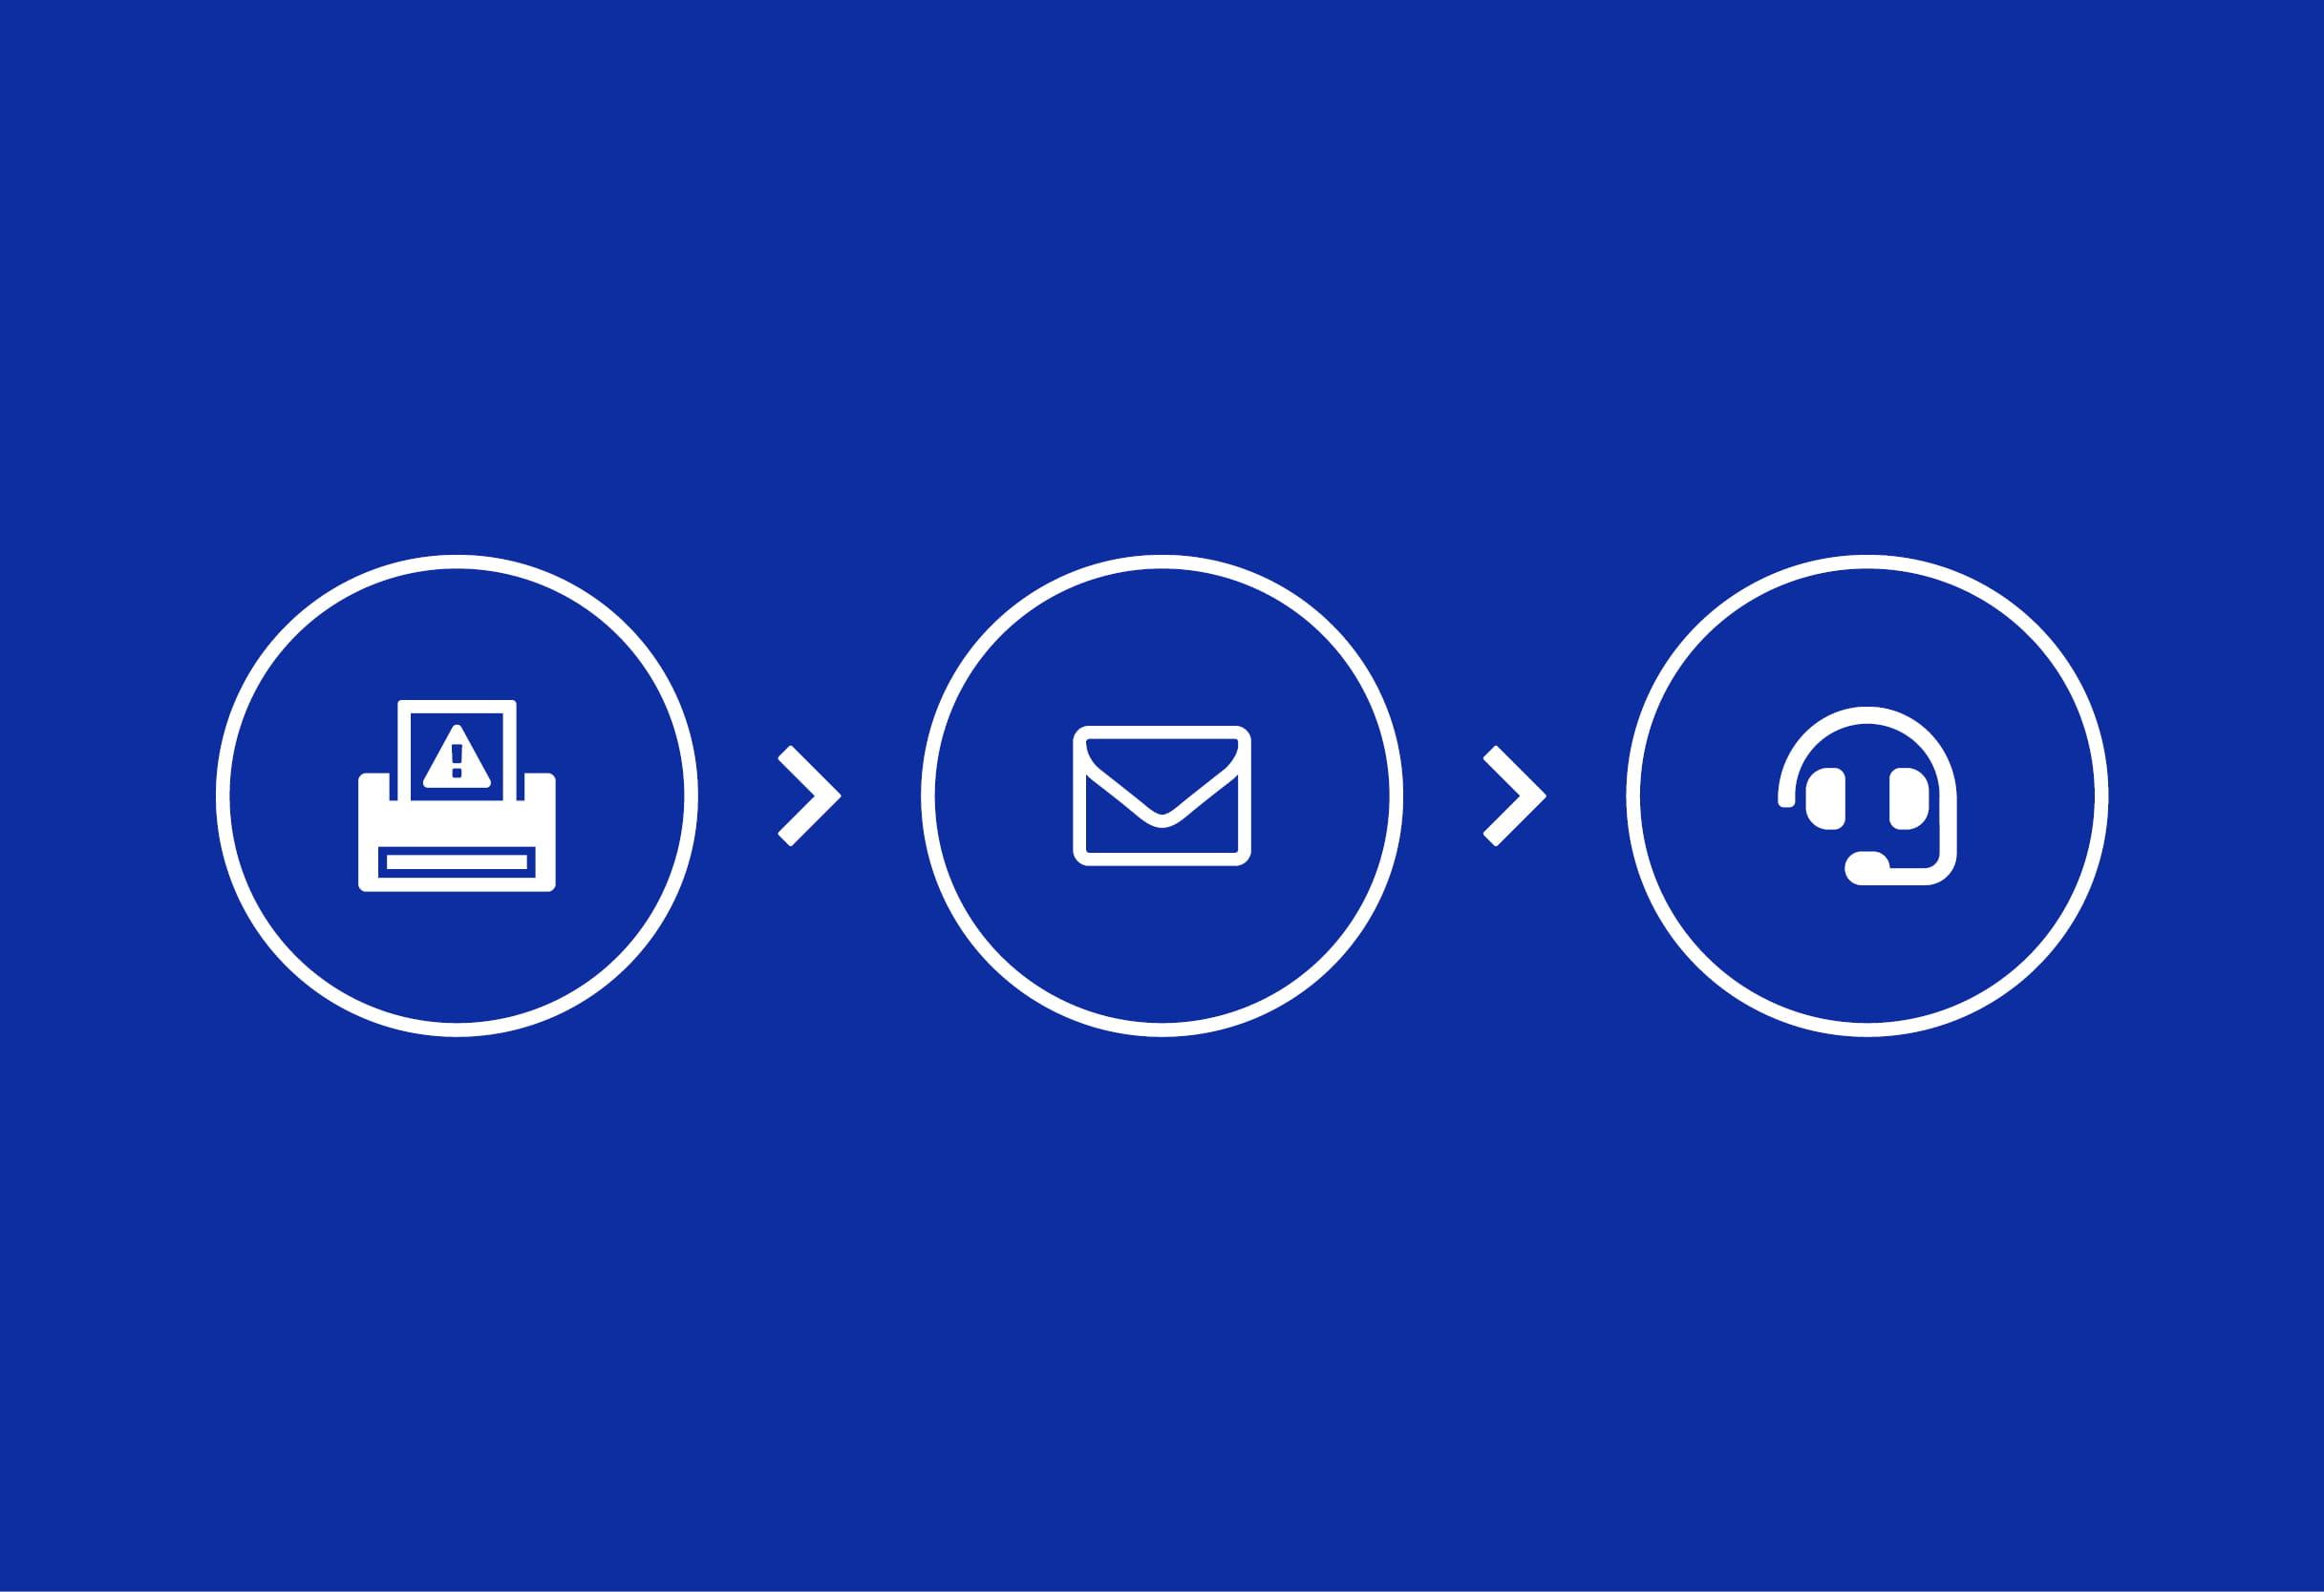 Ikona pisača ikona e-pošte ikona ključa za matice